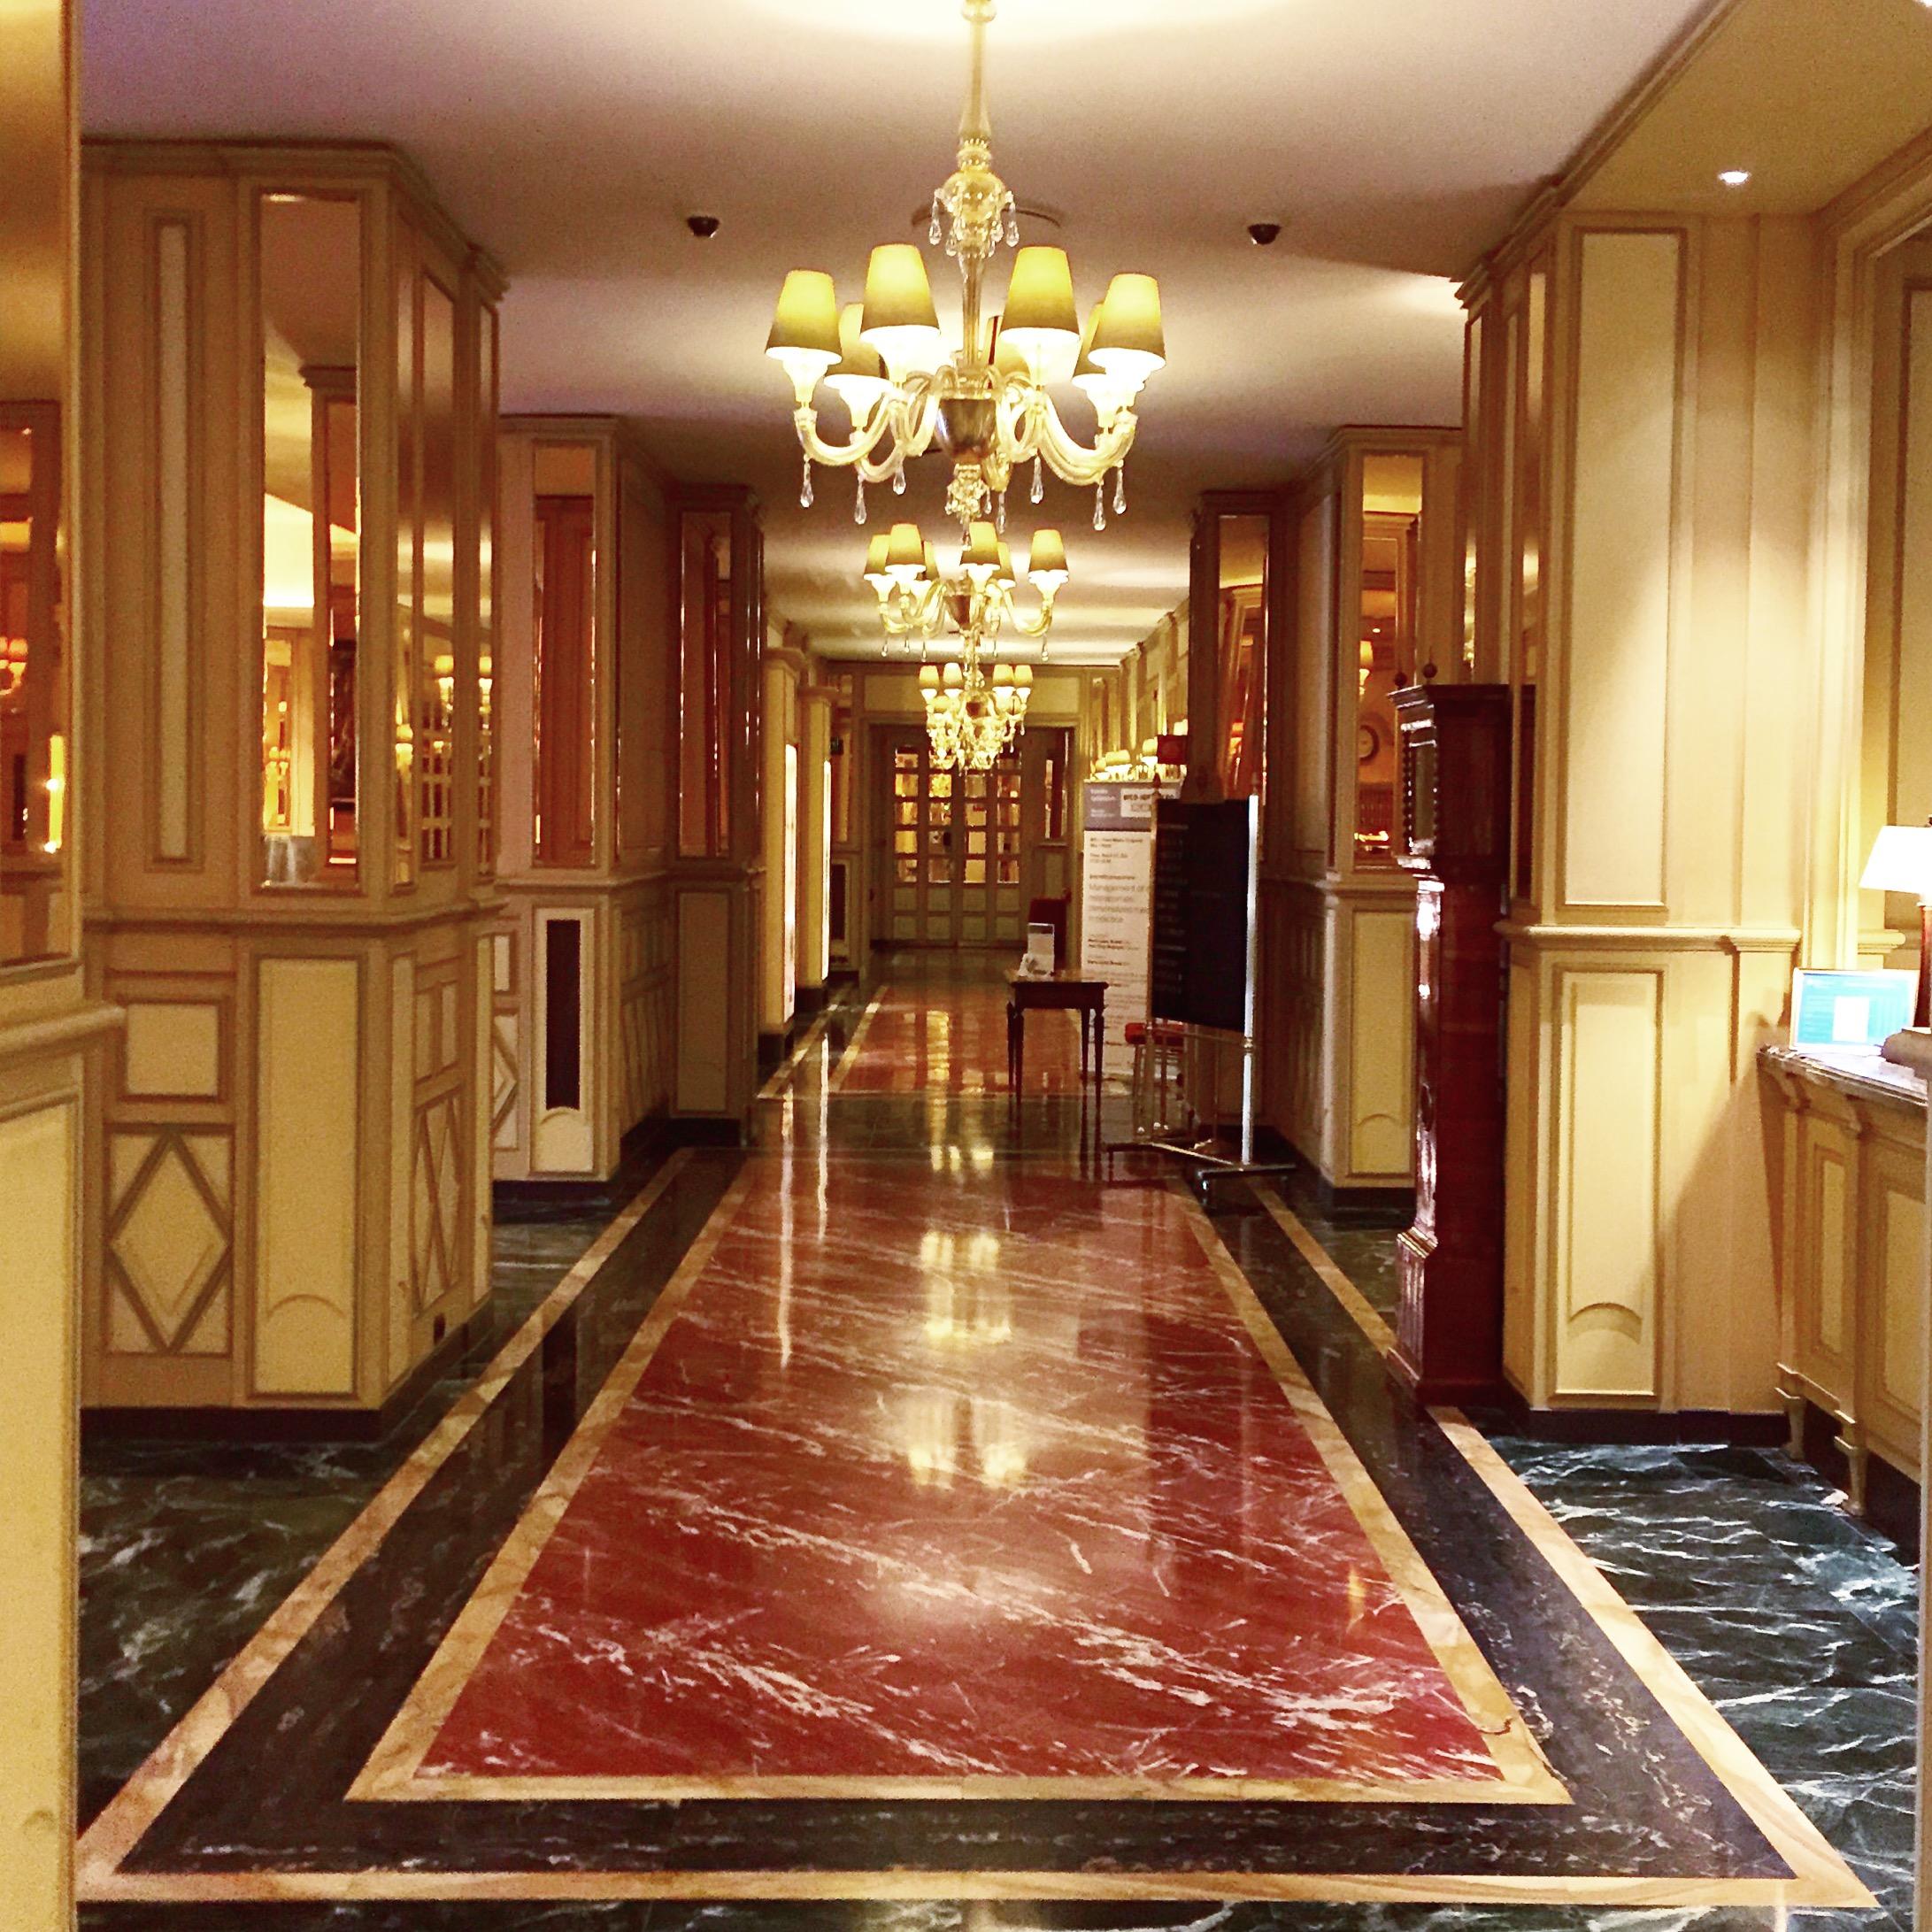 Principe di savoia milan for 1920s hotel decor